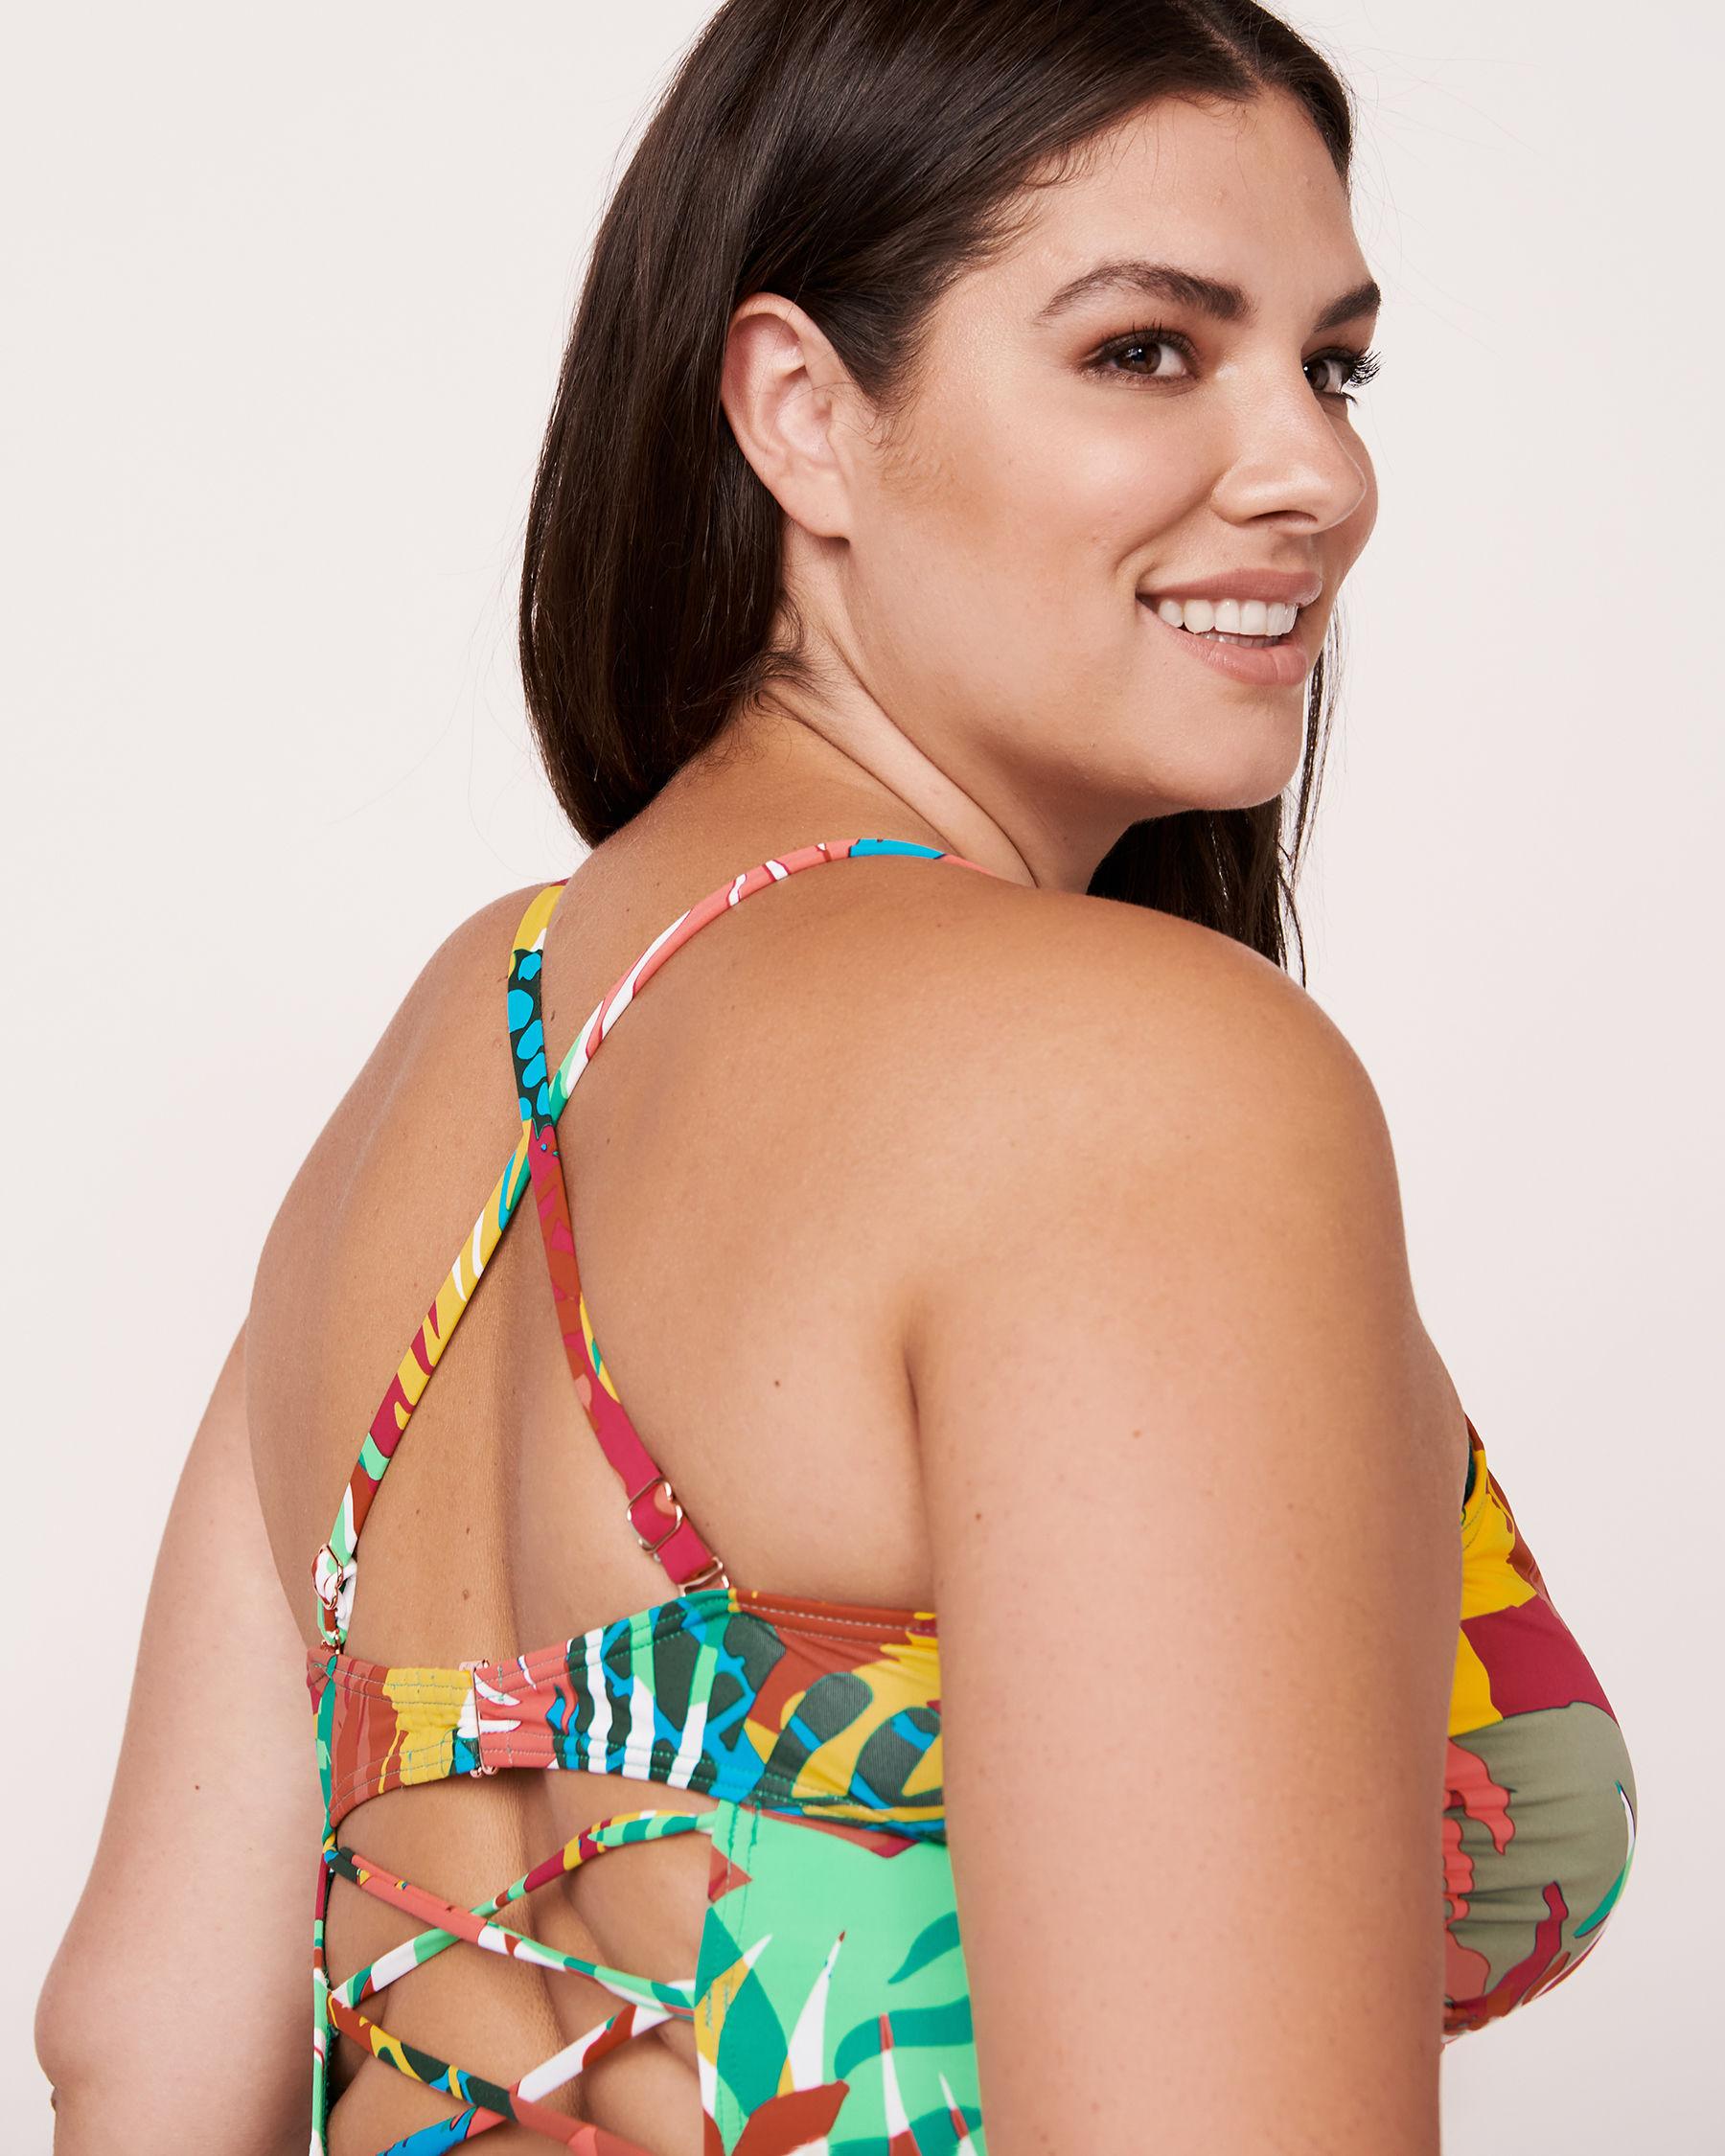 AQUAROSE FAUVE Laced Back One-piece Swimsuit Fauve print 566-632-0-04 - View3